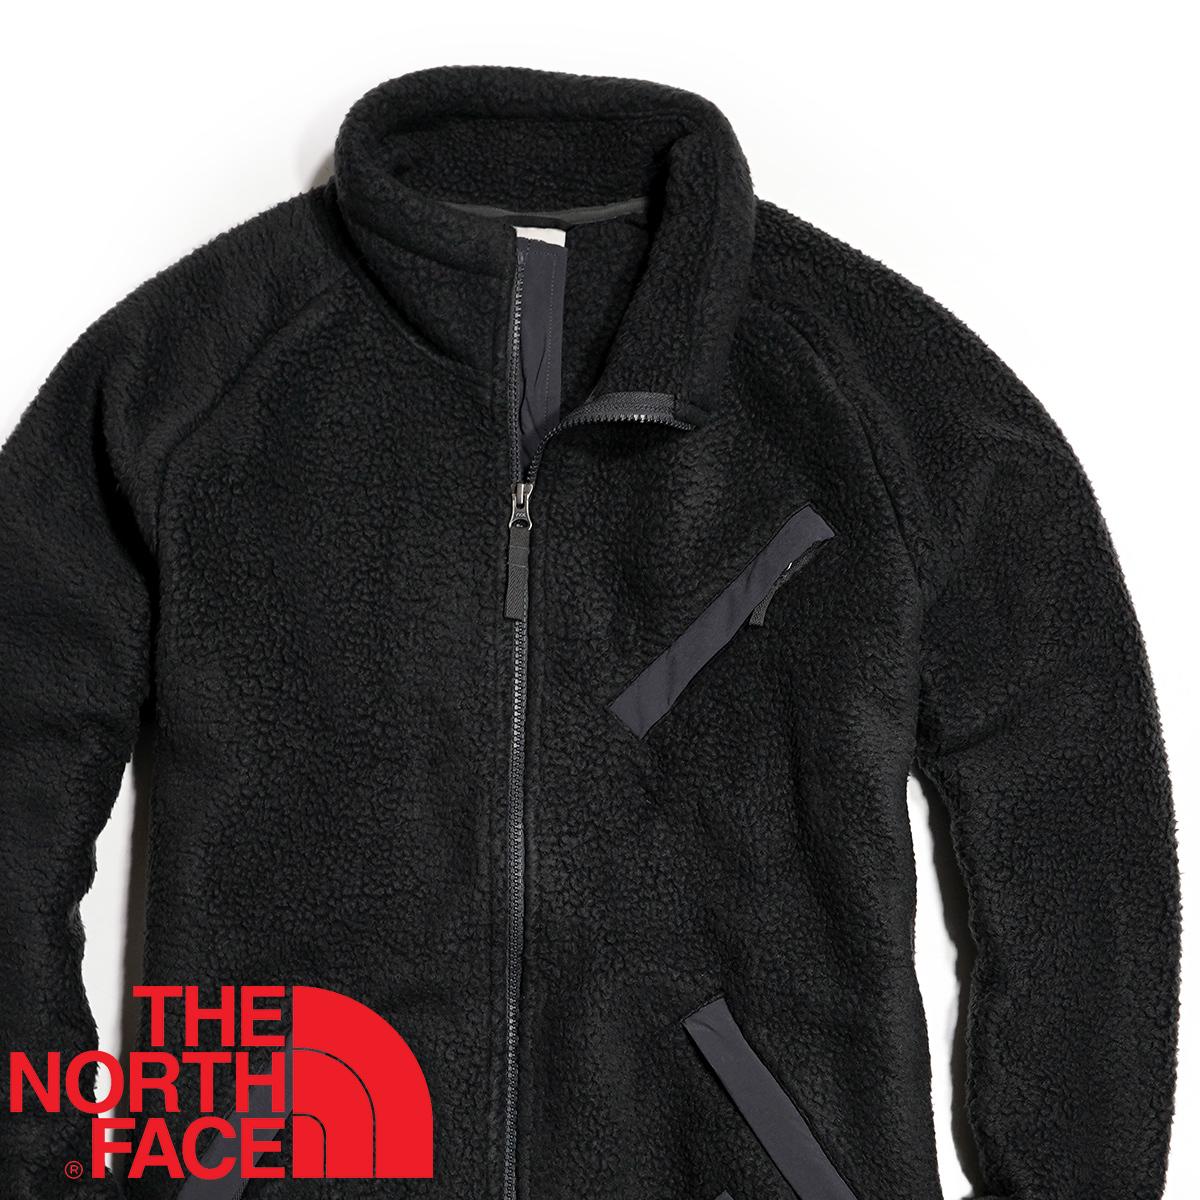 【新品本物 USA購入】THE NORTH FACE ノースフェイス ■ Cragmont Fleece ■ ブラック / L ■シェルパ フリースジャケット 海外限定_画像4